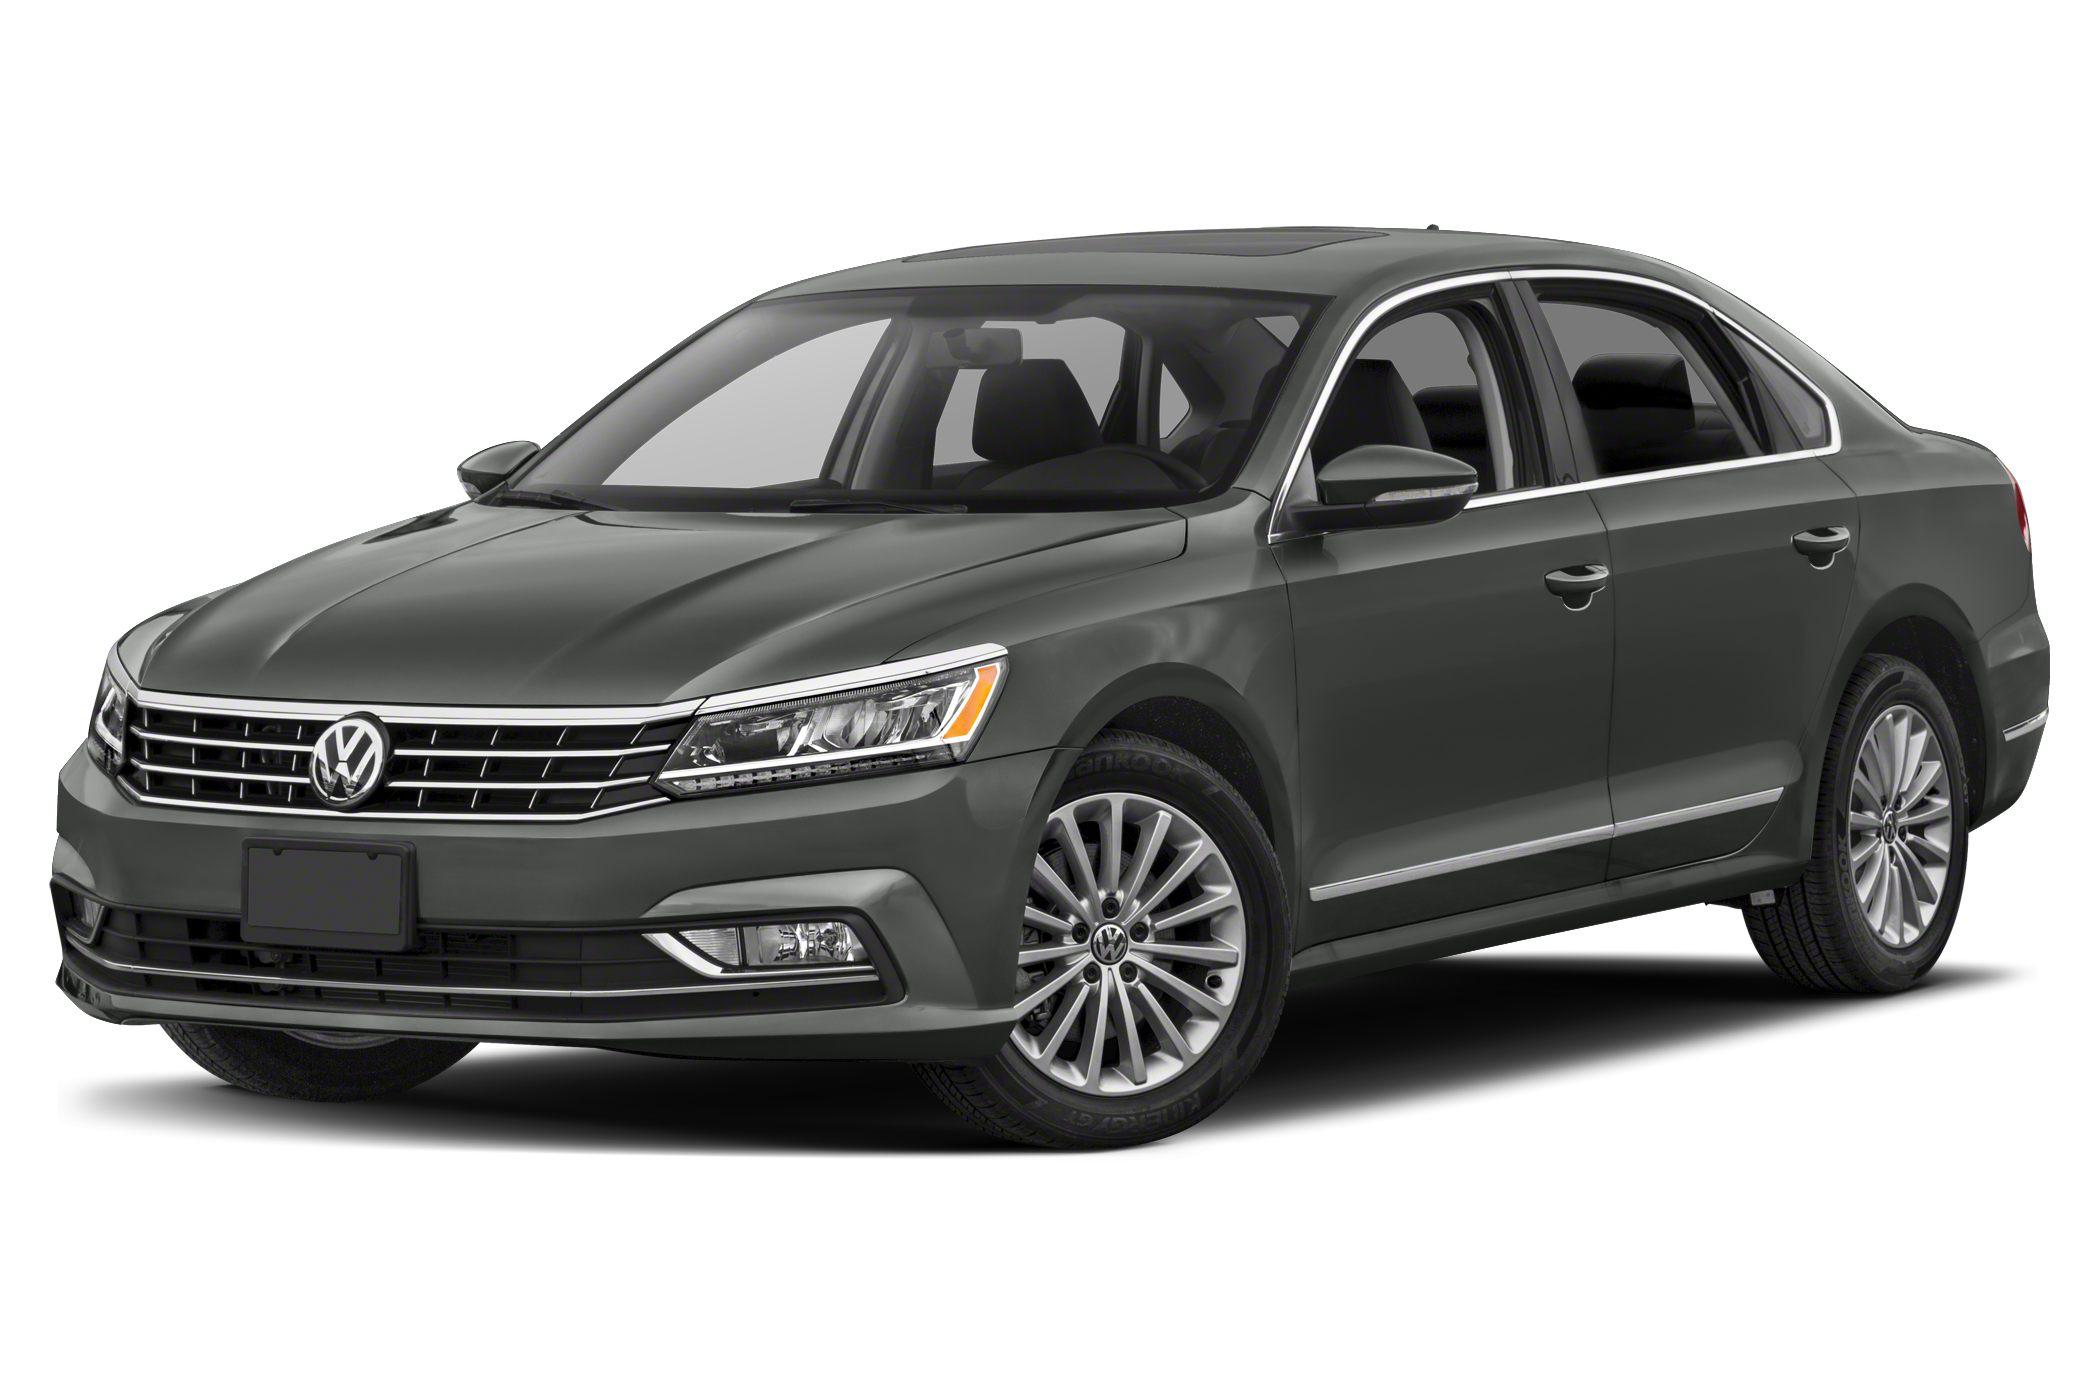 Volkswagen Passat (North America) 2011 - now Sedan #3